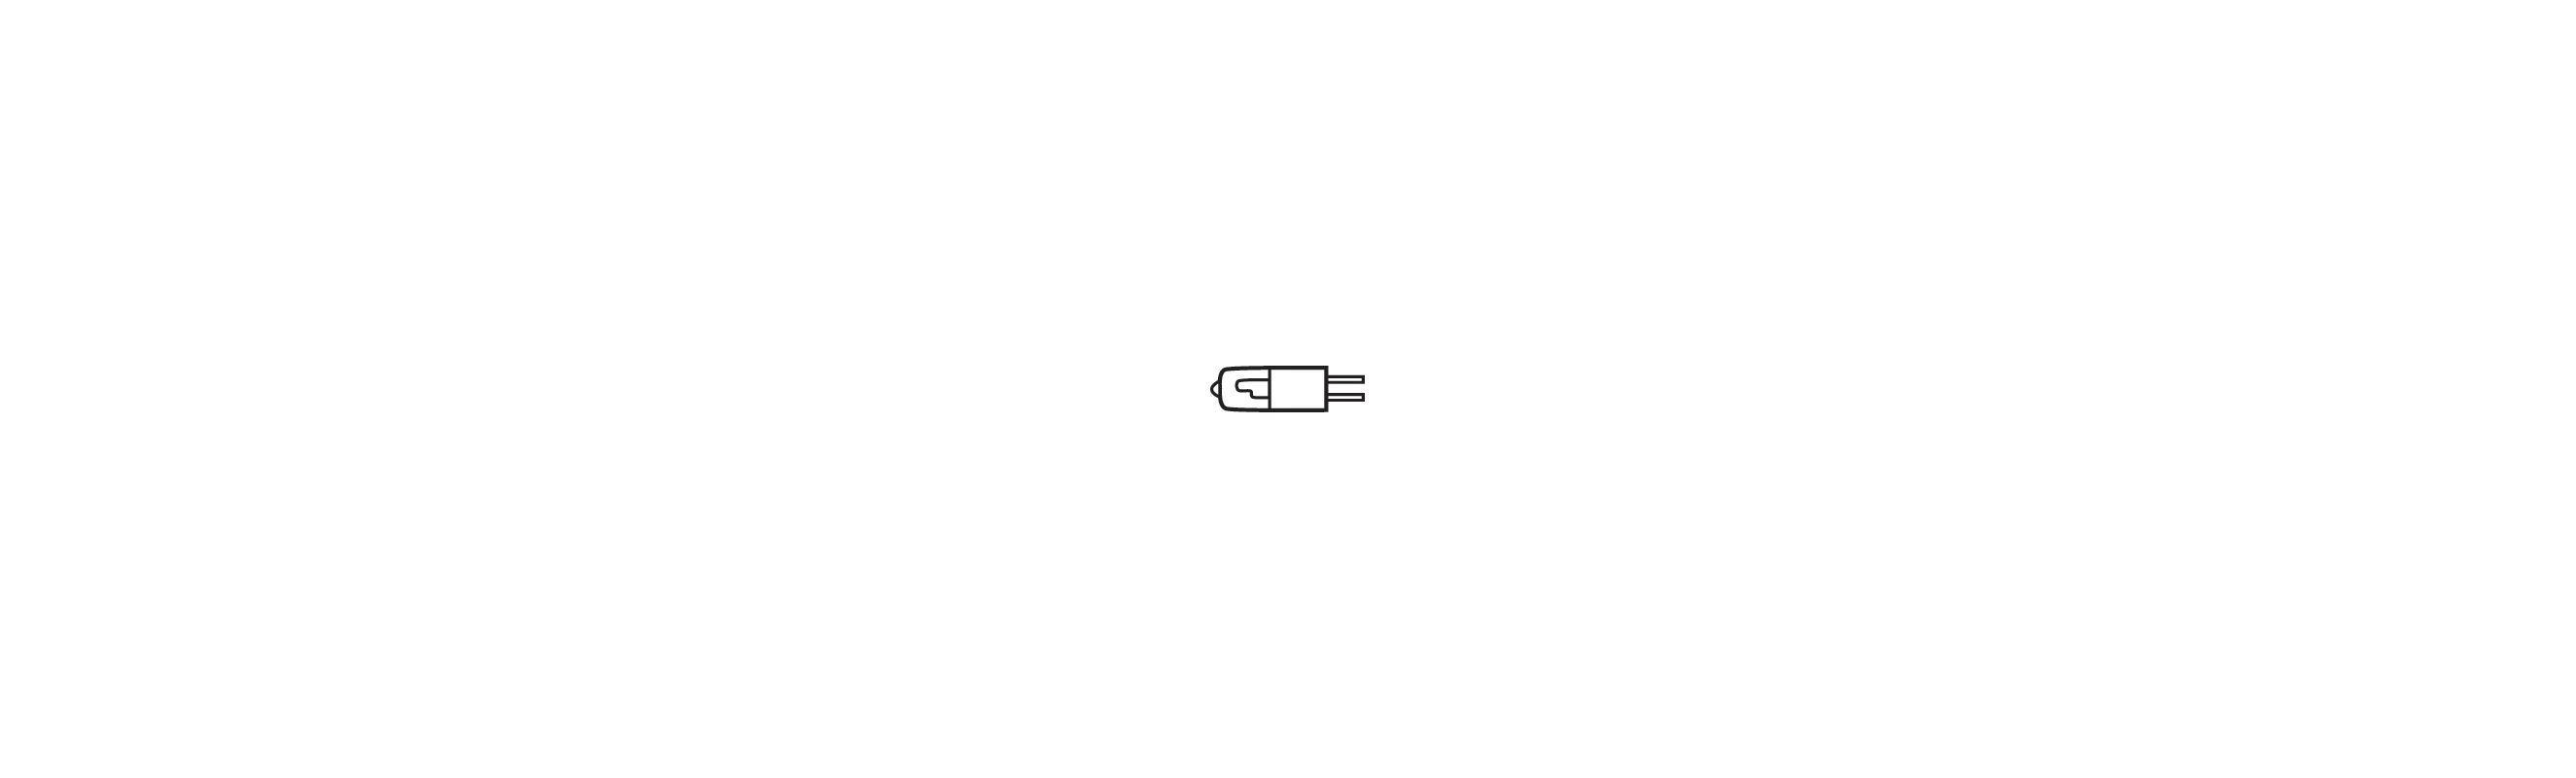 Kichler 17012 Pack of (10) 20 Watt T3 Bi-Pin Base Xenon Bulbs - 12v